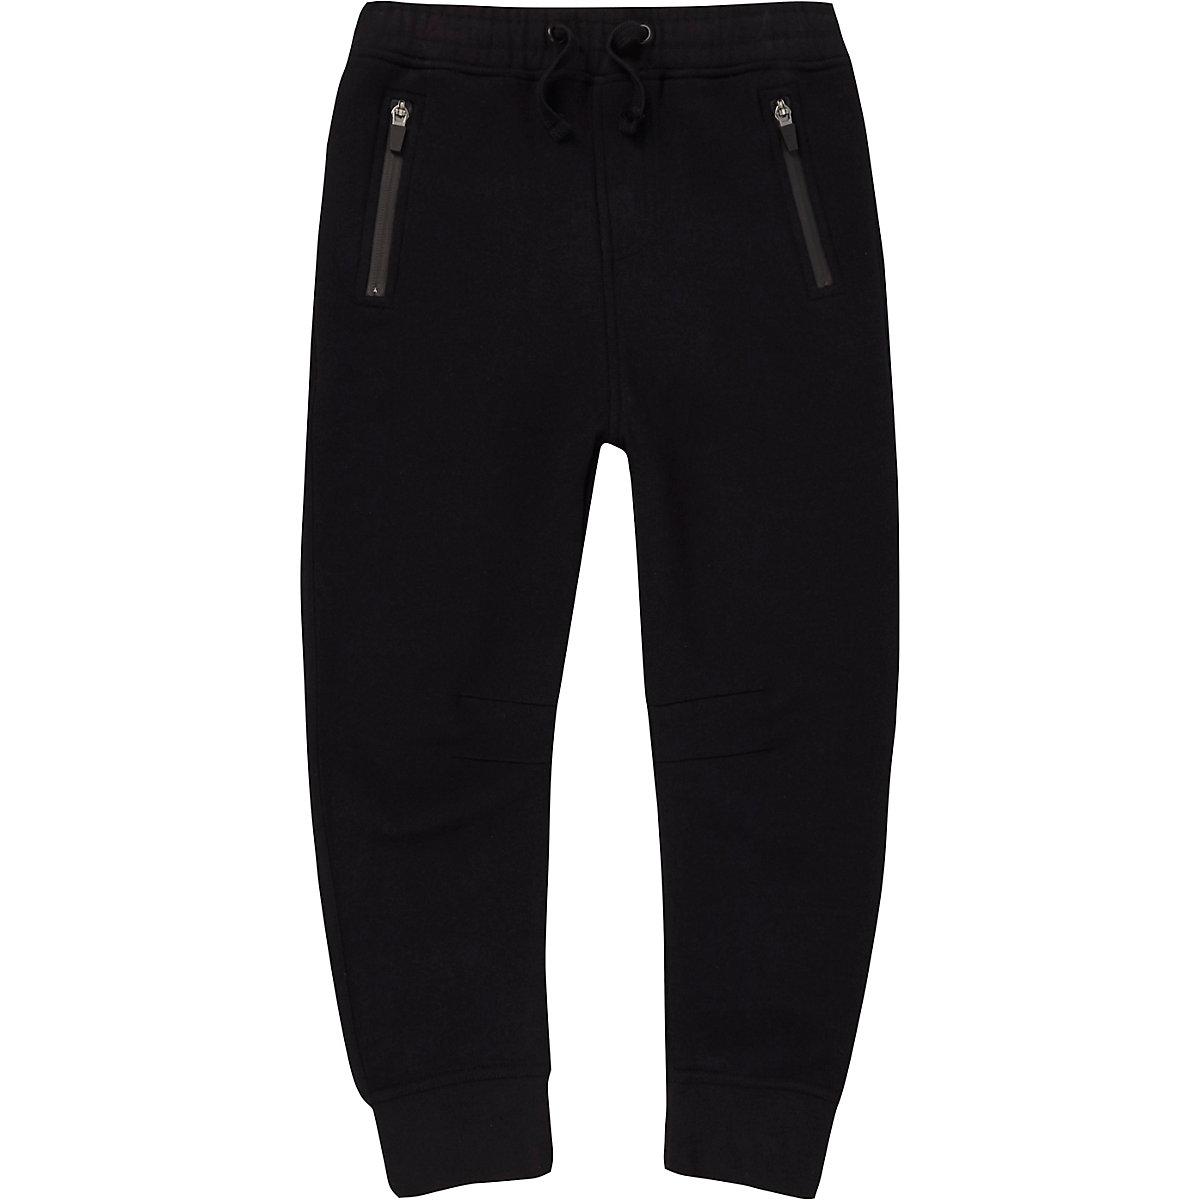 Pantalon de jogging bleu marine zippé pour garçon